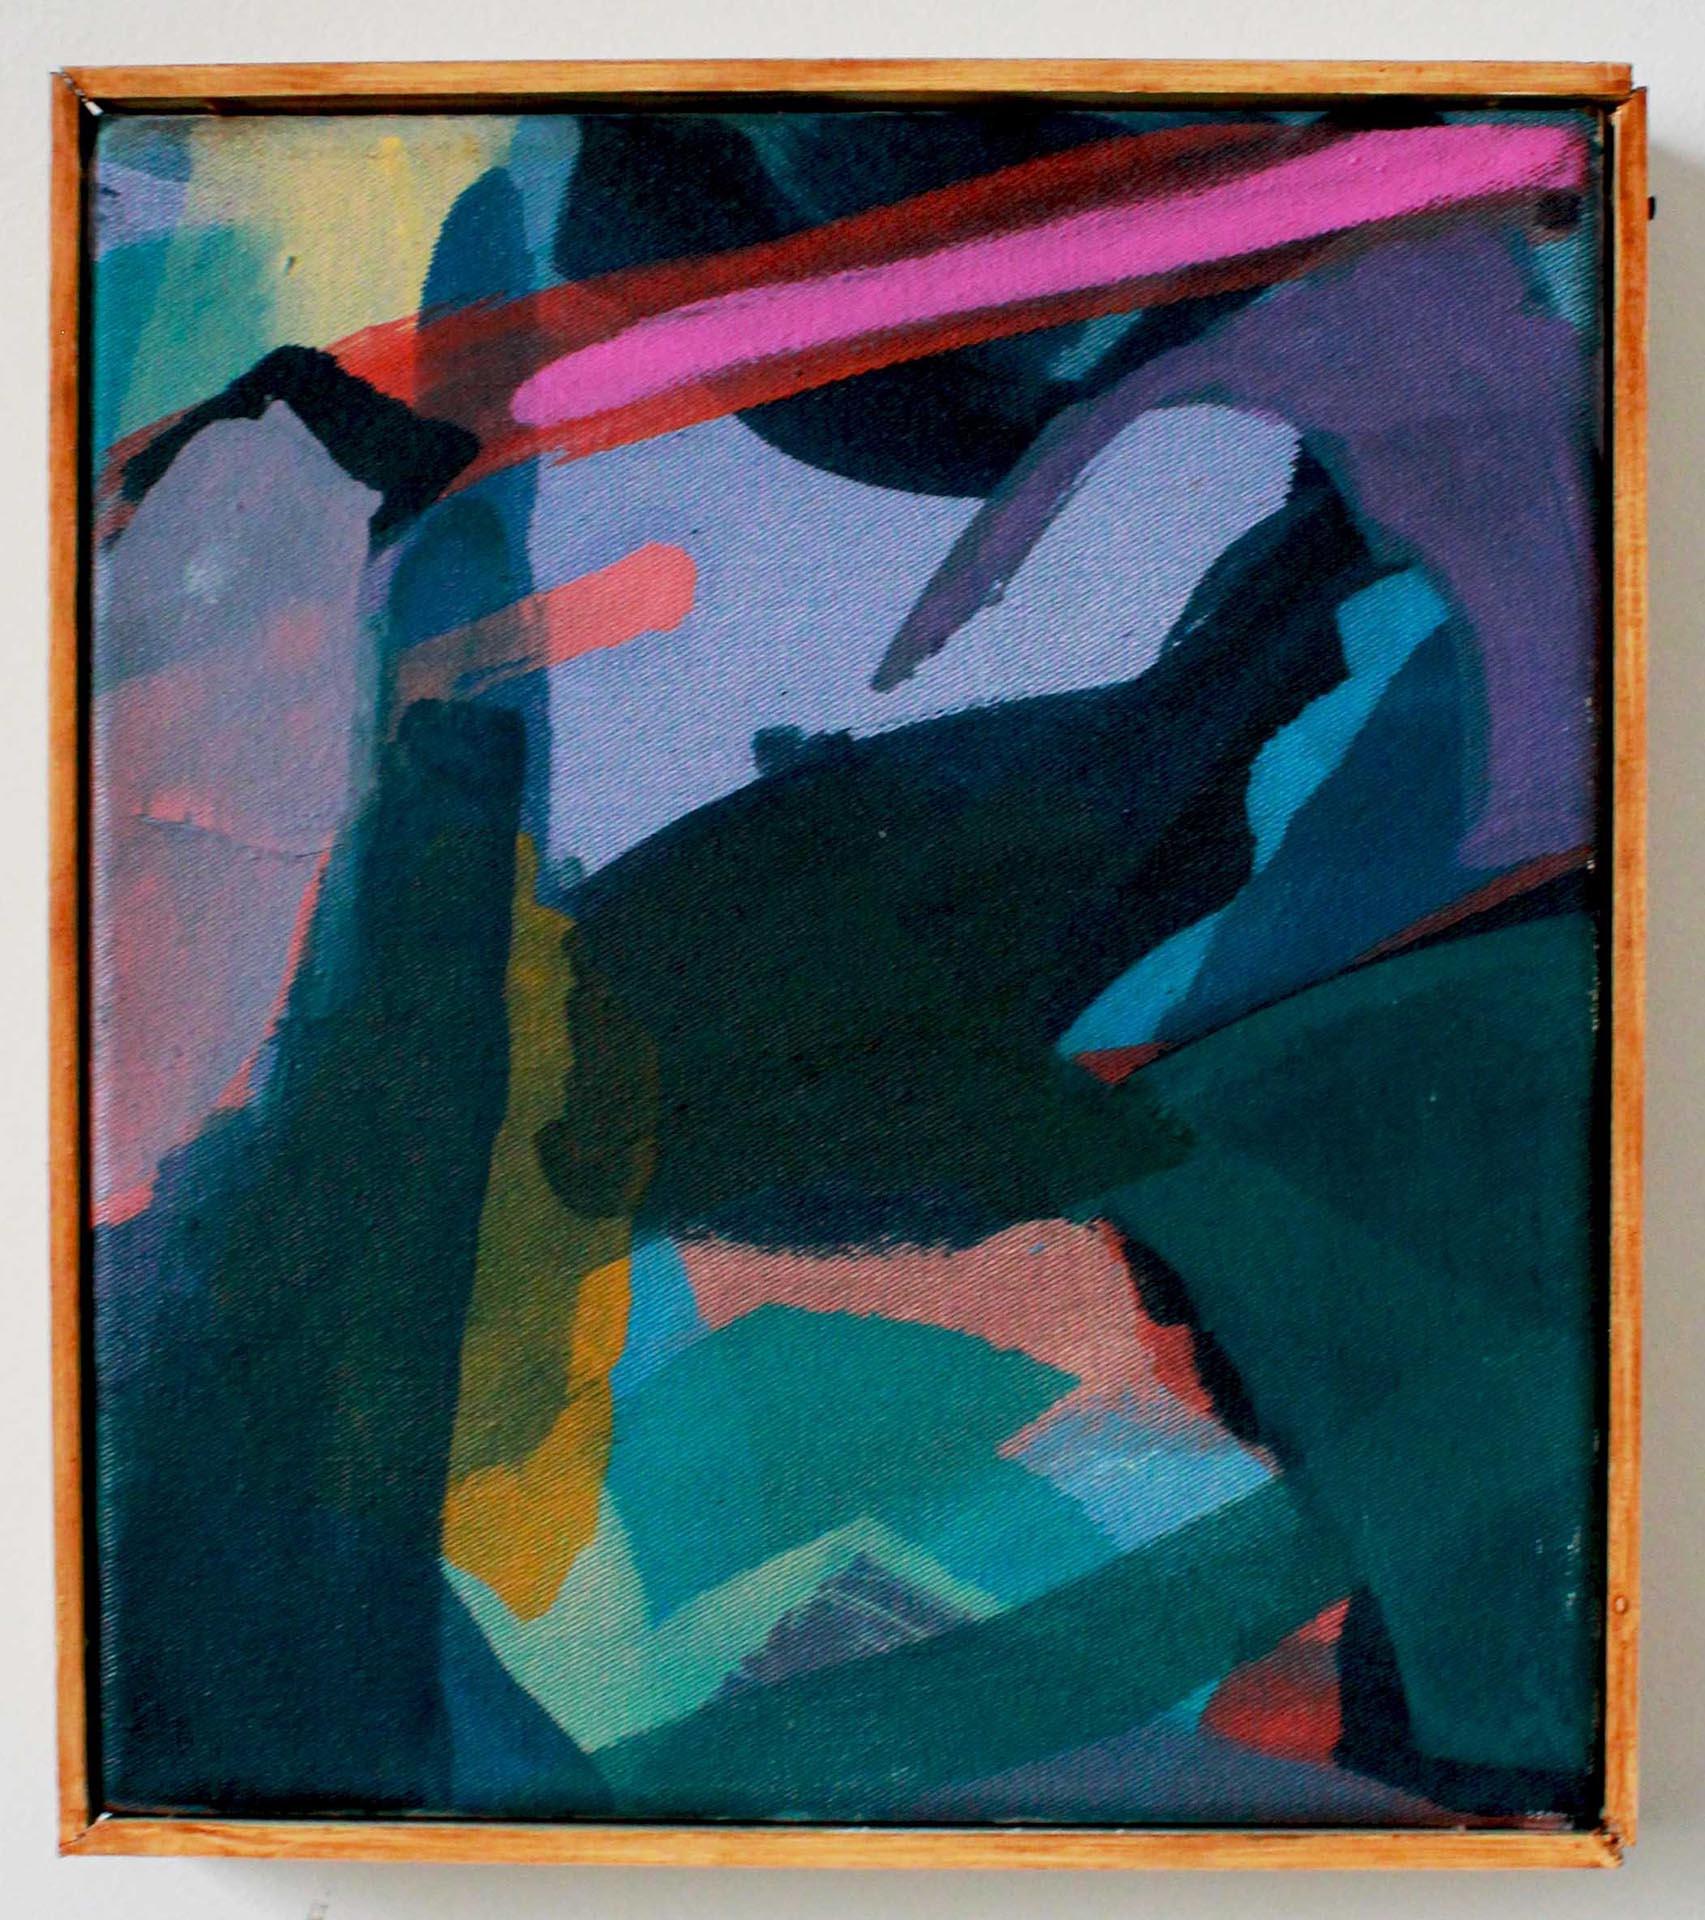 Violetta Ehnsperg | Formation | 2019 | Öl auf Leinwand | Galerie3